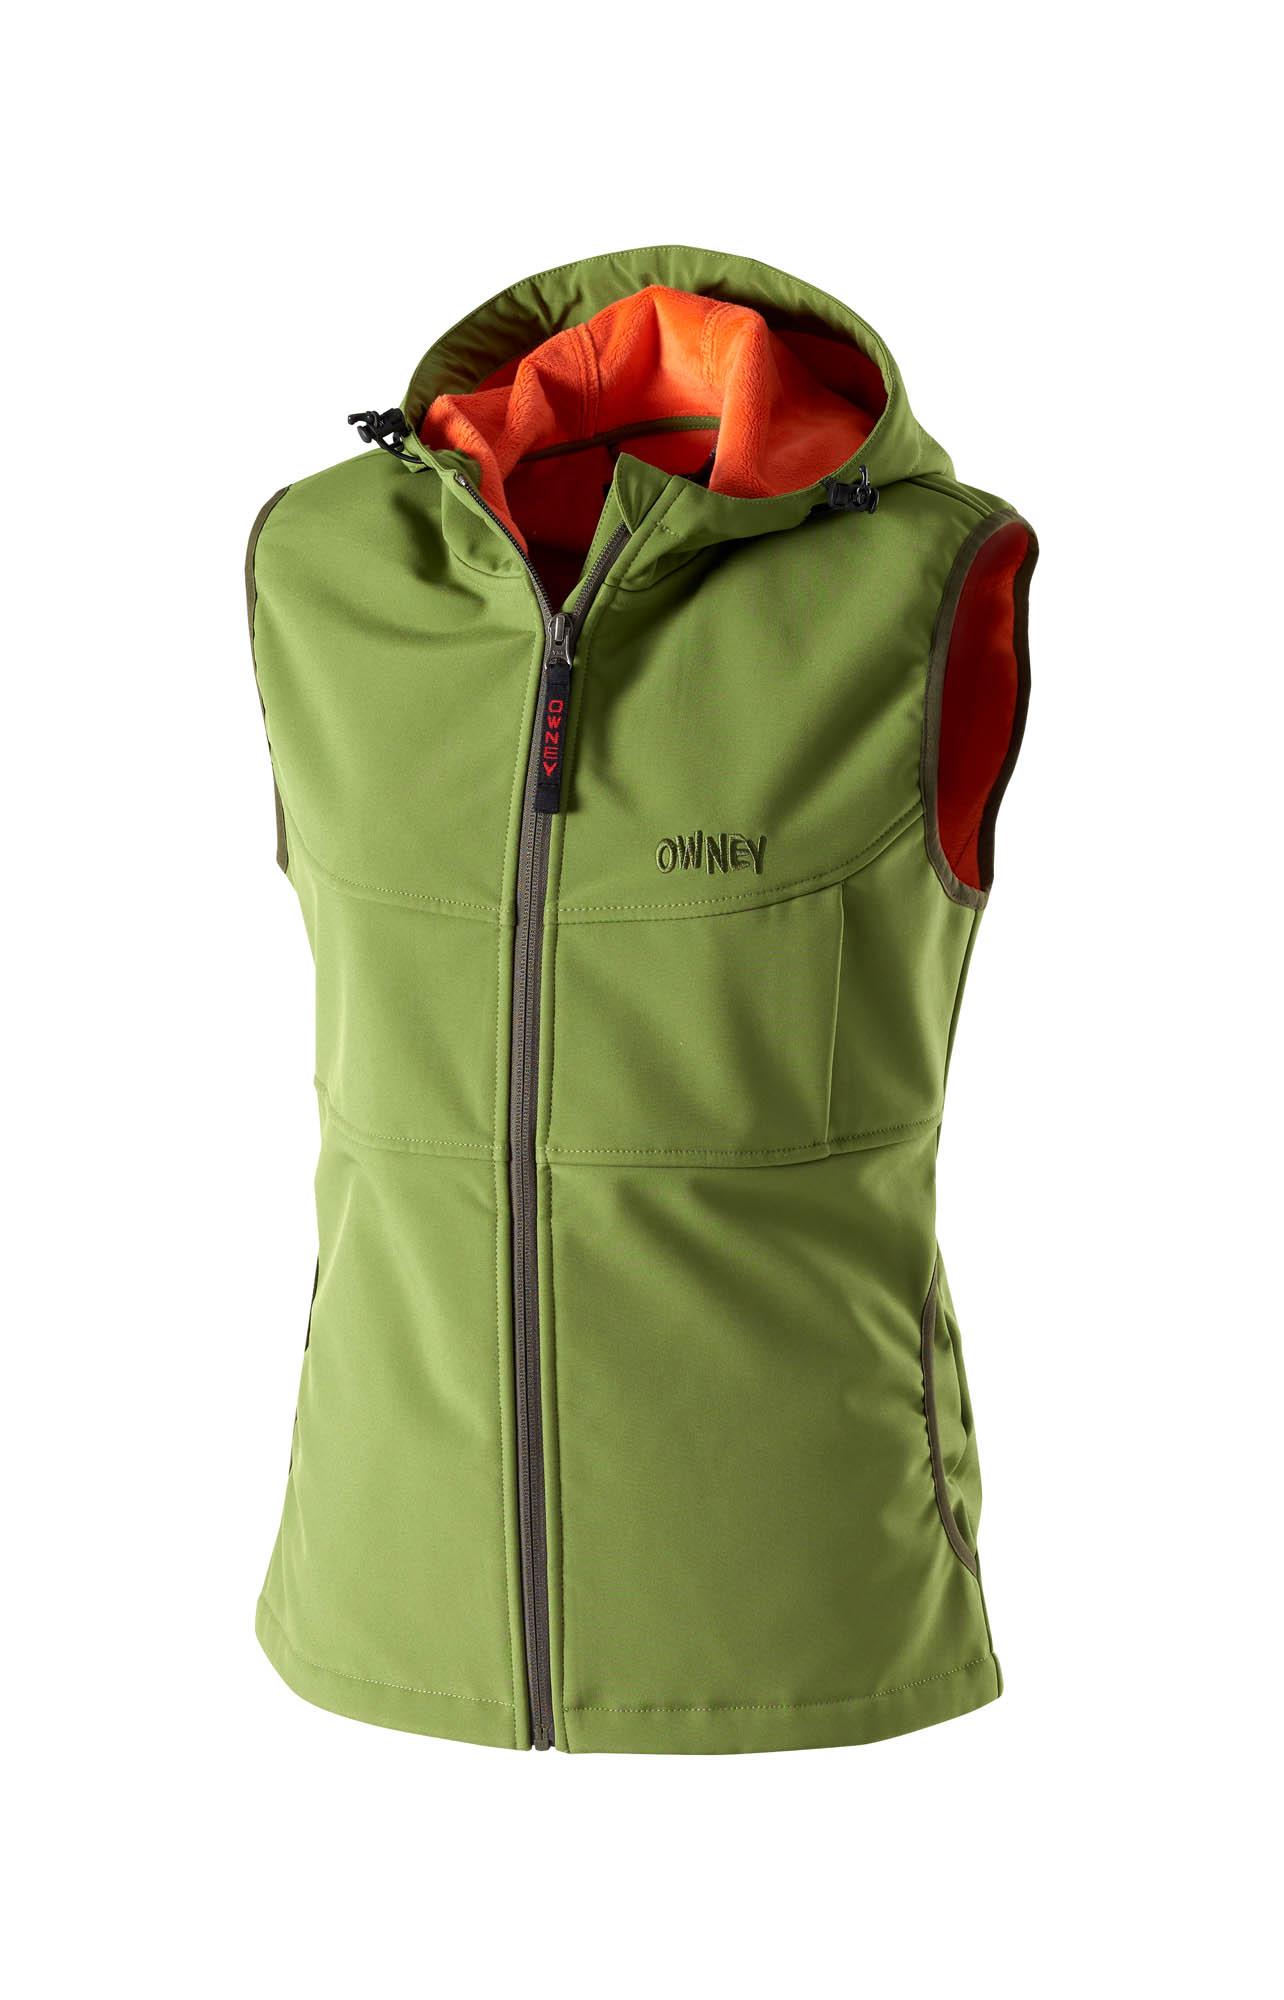 Owney Yunga Women Softshell Vest